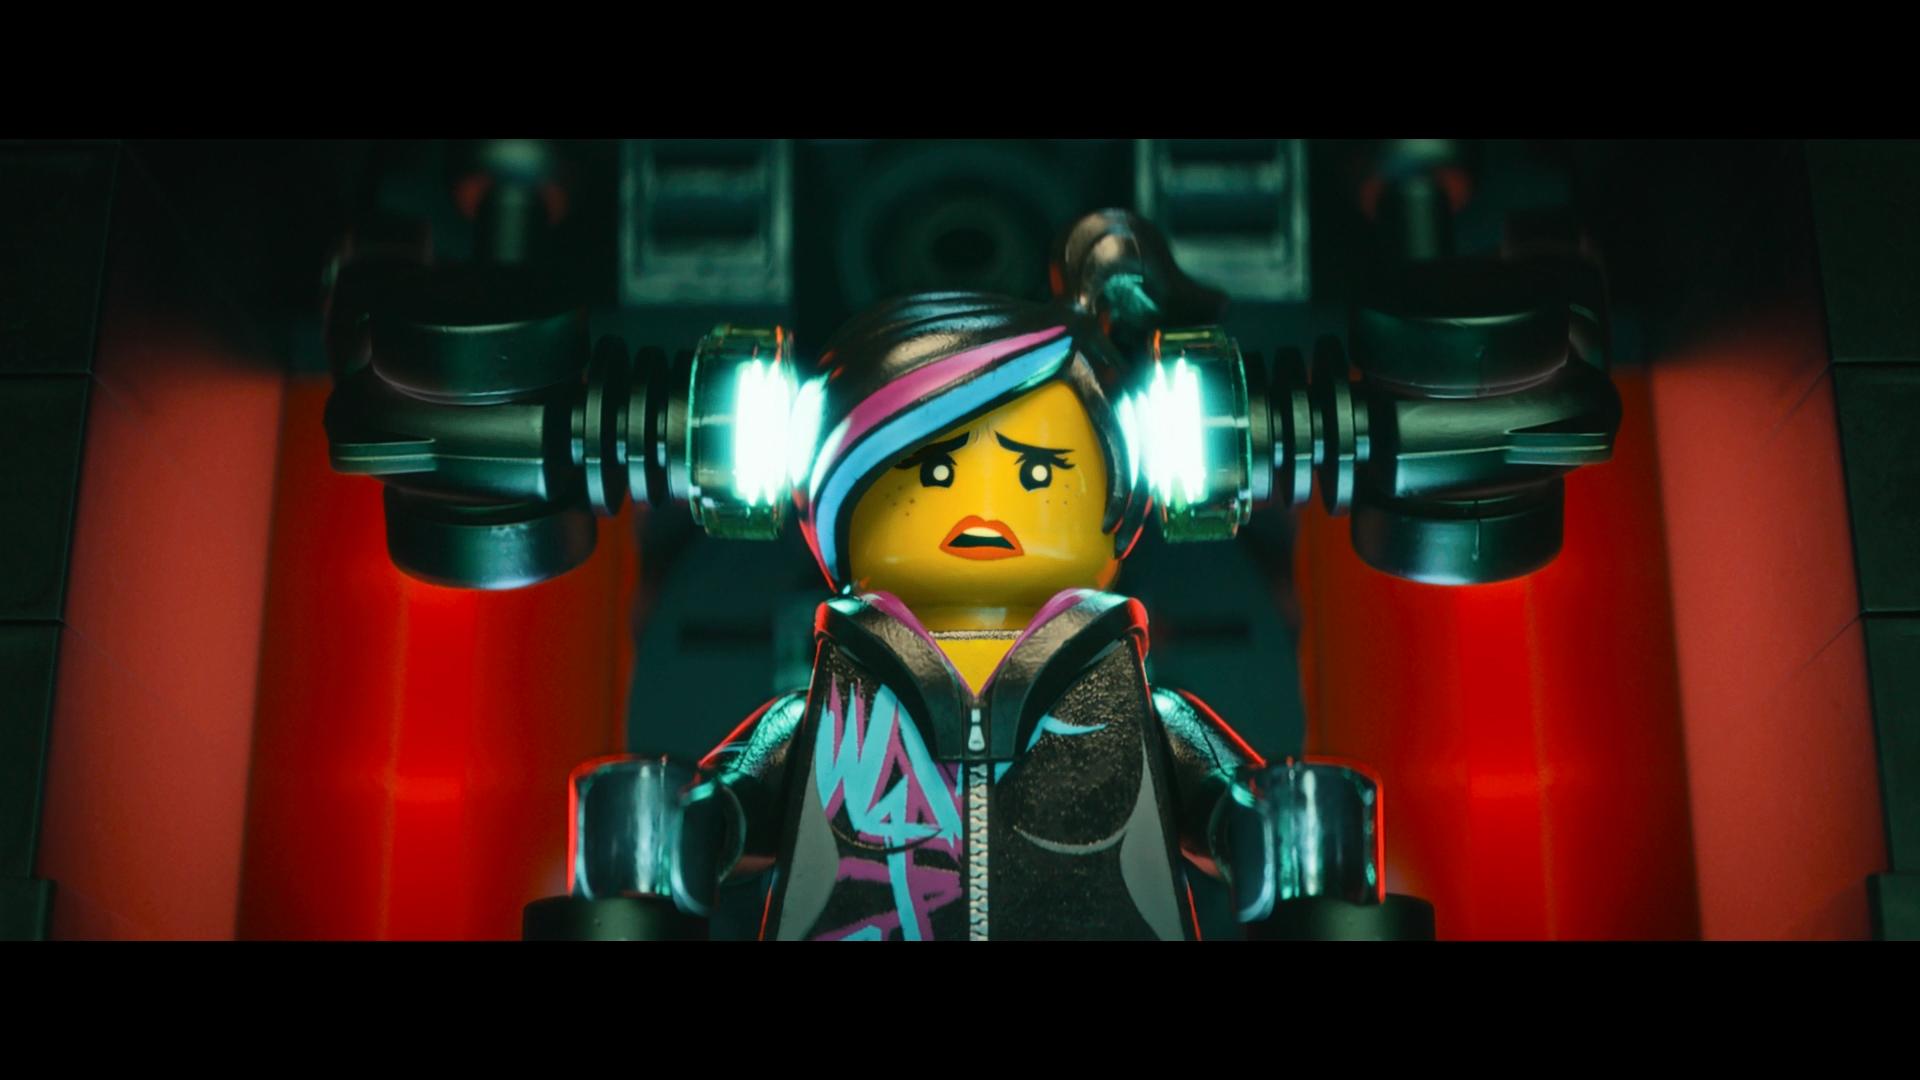 the lego movie unikitty sad